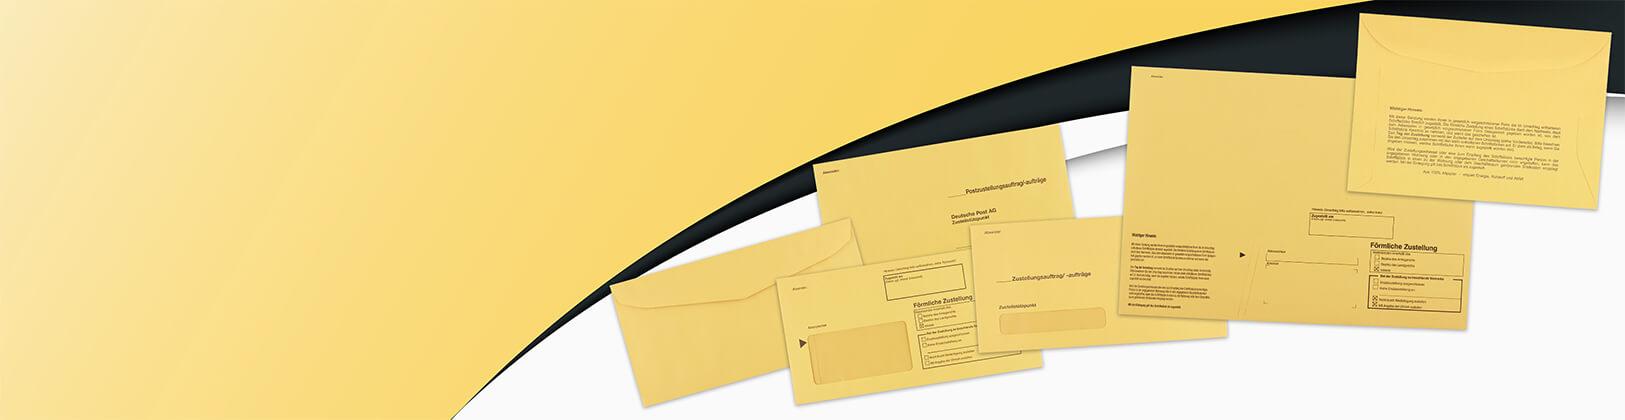 Innere und äußere Postzustellungumschläge